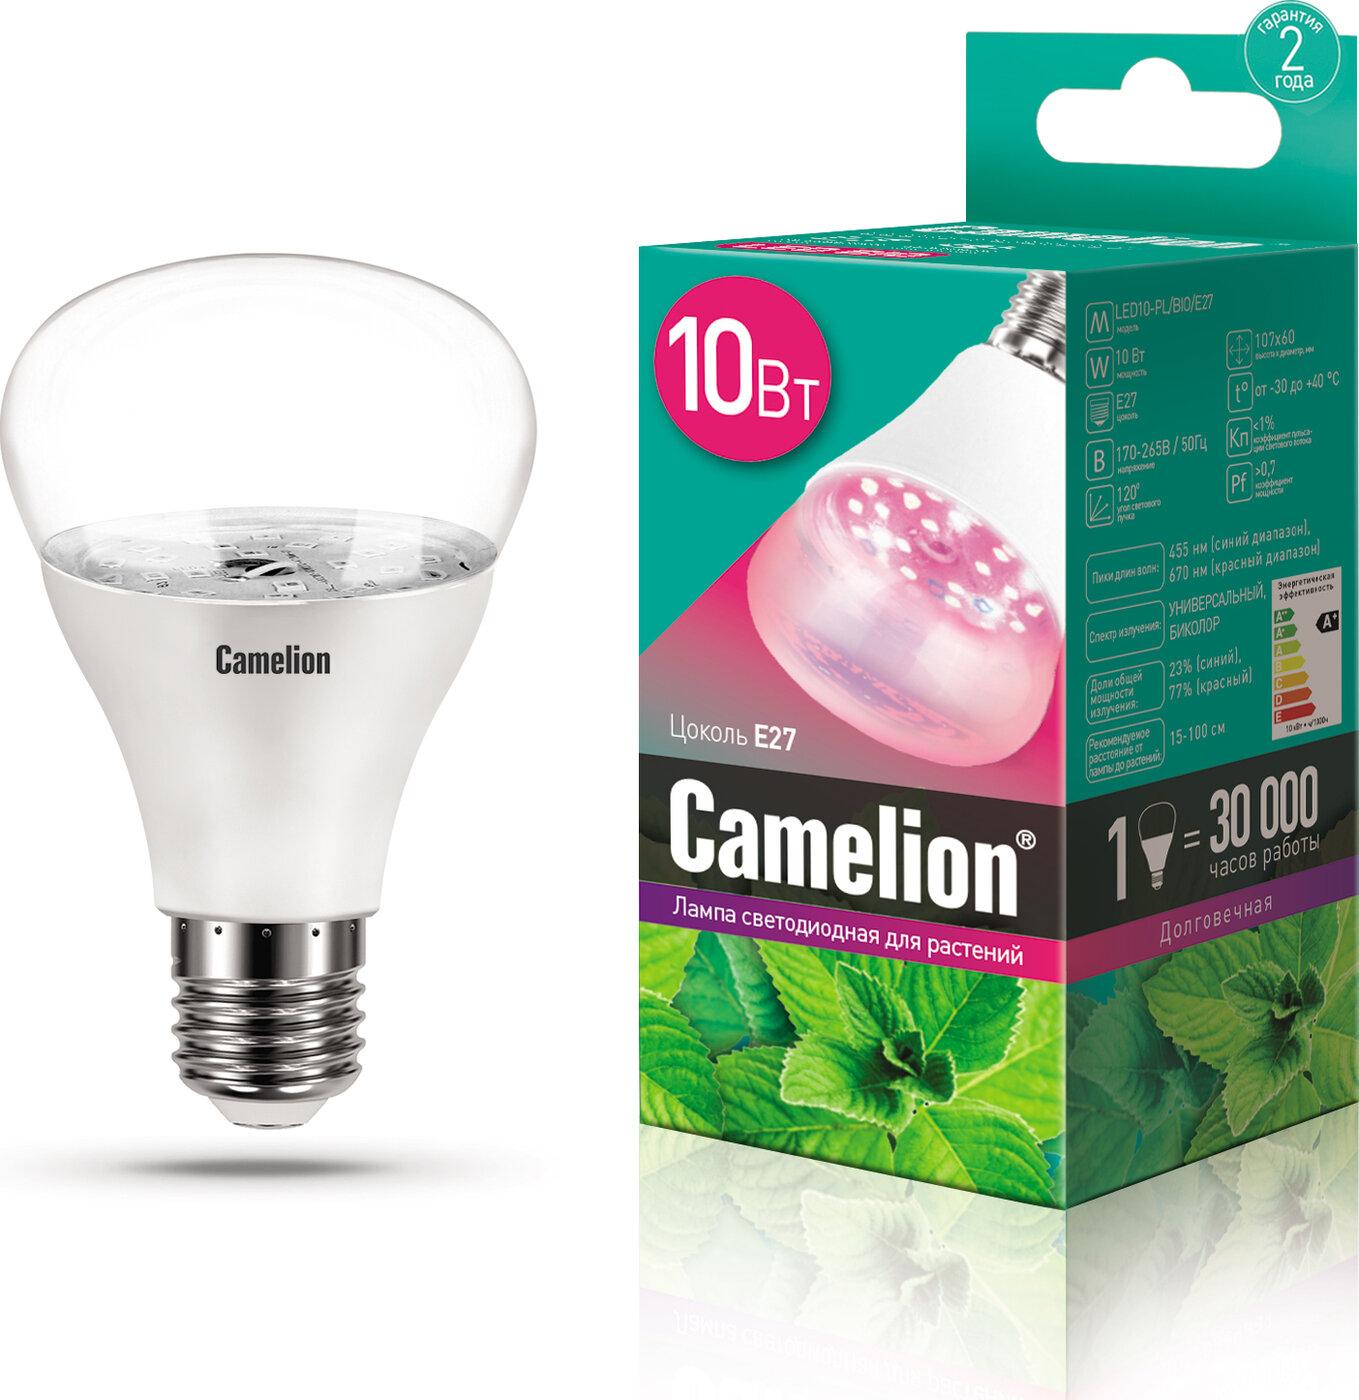 Лампа специальная Camelion 13241, E27, 10 Вт, Светодиодная